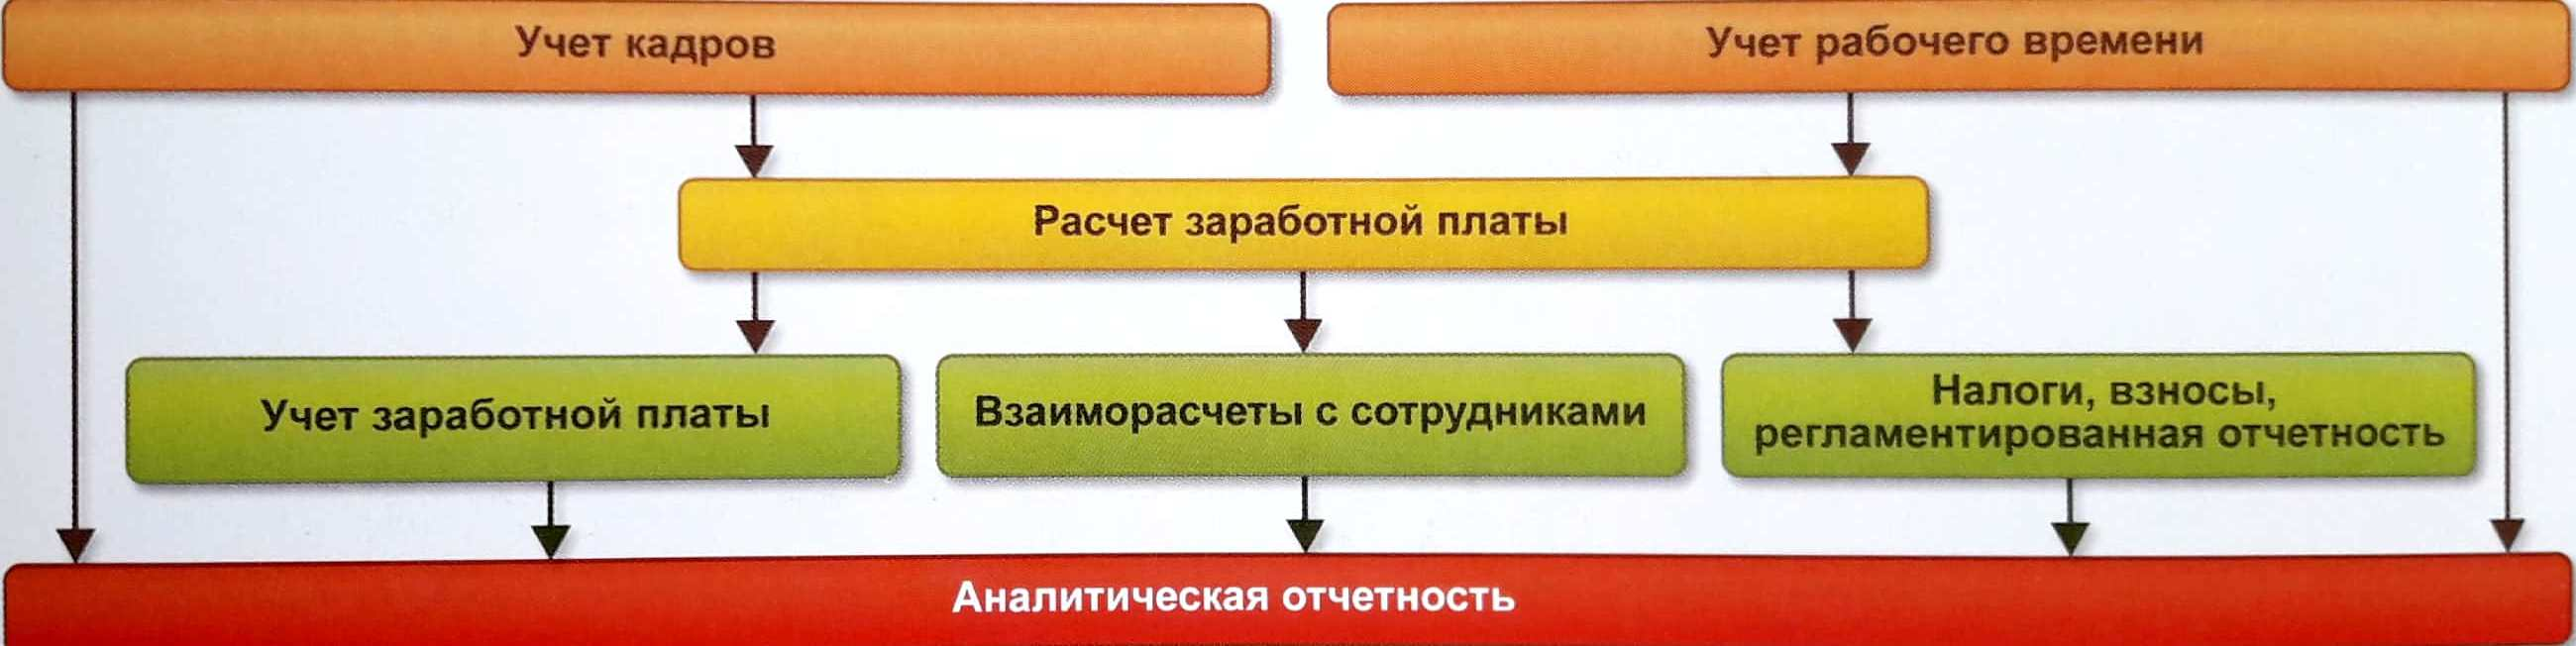 Расчет зарплаты учет в 1С: ERP - как выбрать систему управления предприятием - Купить решение